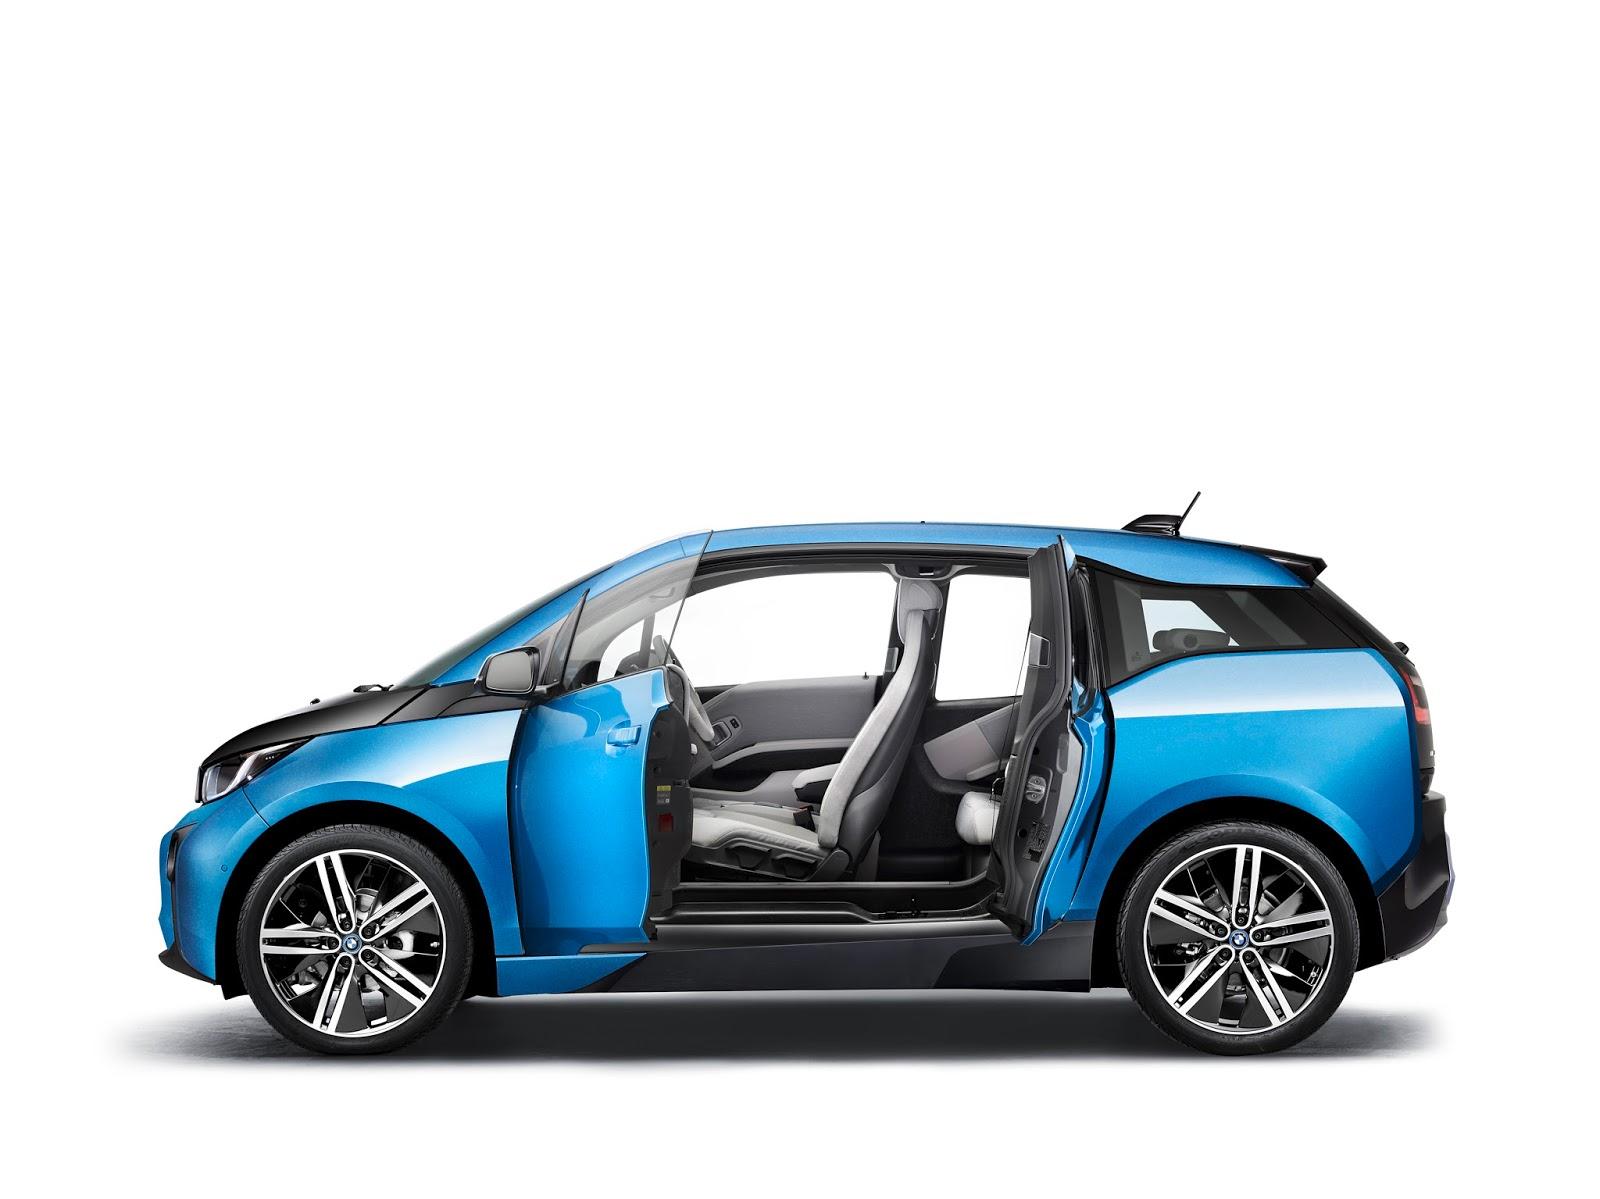 P90216952 highRes bmw i3 94ah 05 2016 Μεγαλύτερη αυτονομία για το i3 της BMW BMW, BMW i, BMW i3, car, Electric cars